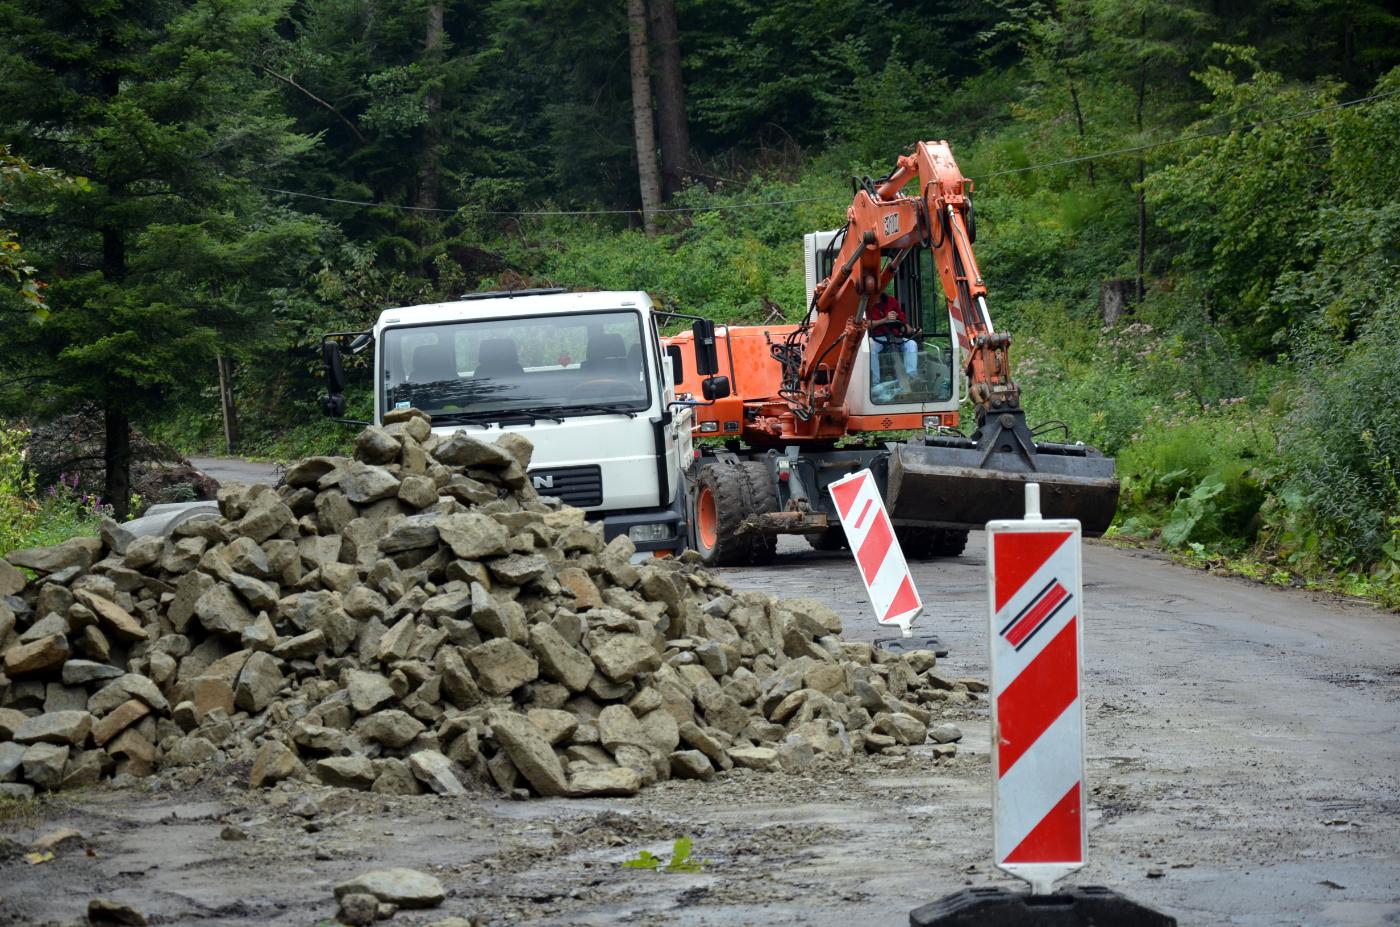 Ruszyły prace nad przebudową drogi do Lisznej! [ZDJĘCIA] - Zdjęcie główne